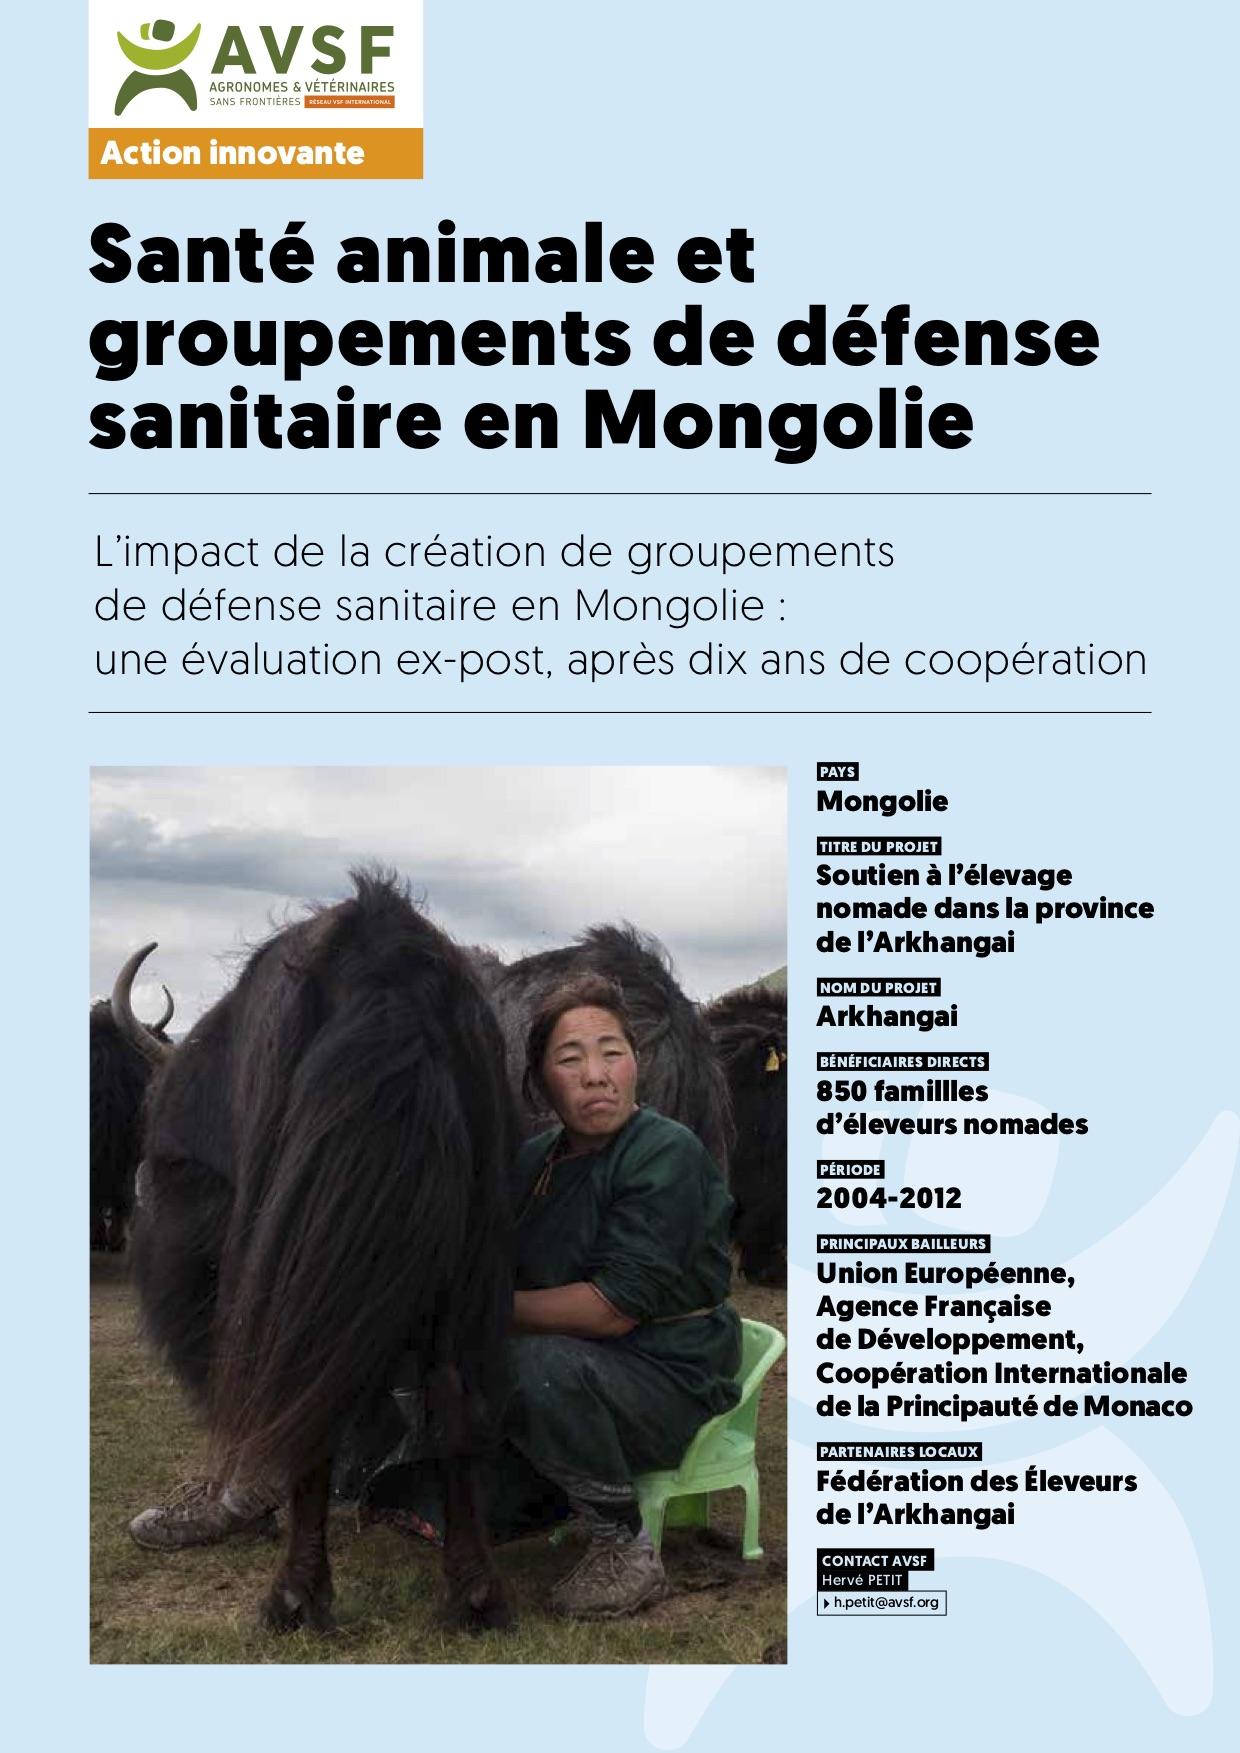 Les actions innovantes d'AVSF : Santé animale et groupements de défense sanitaire en Mongolie Image principale